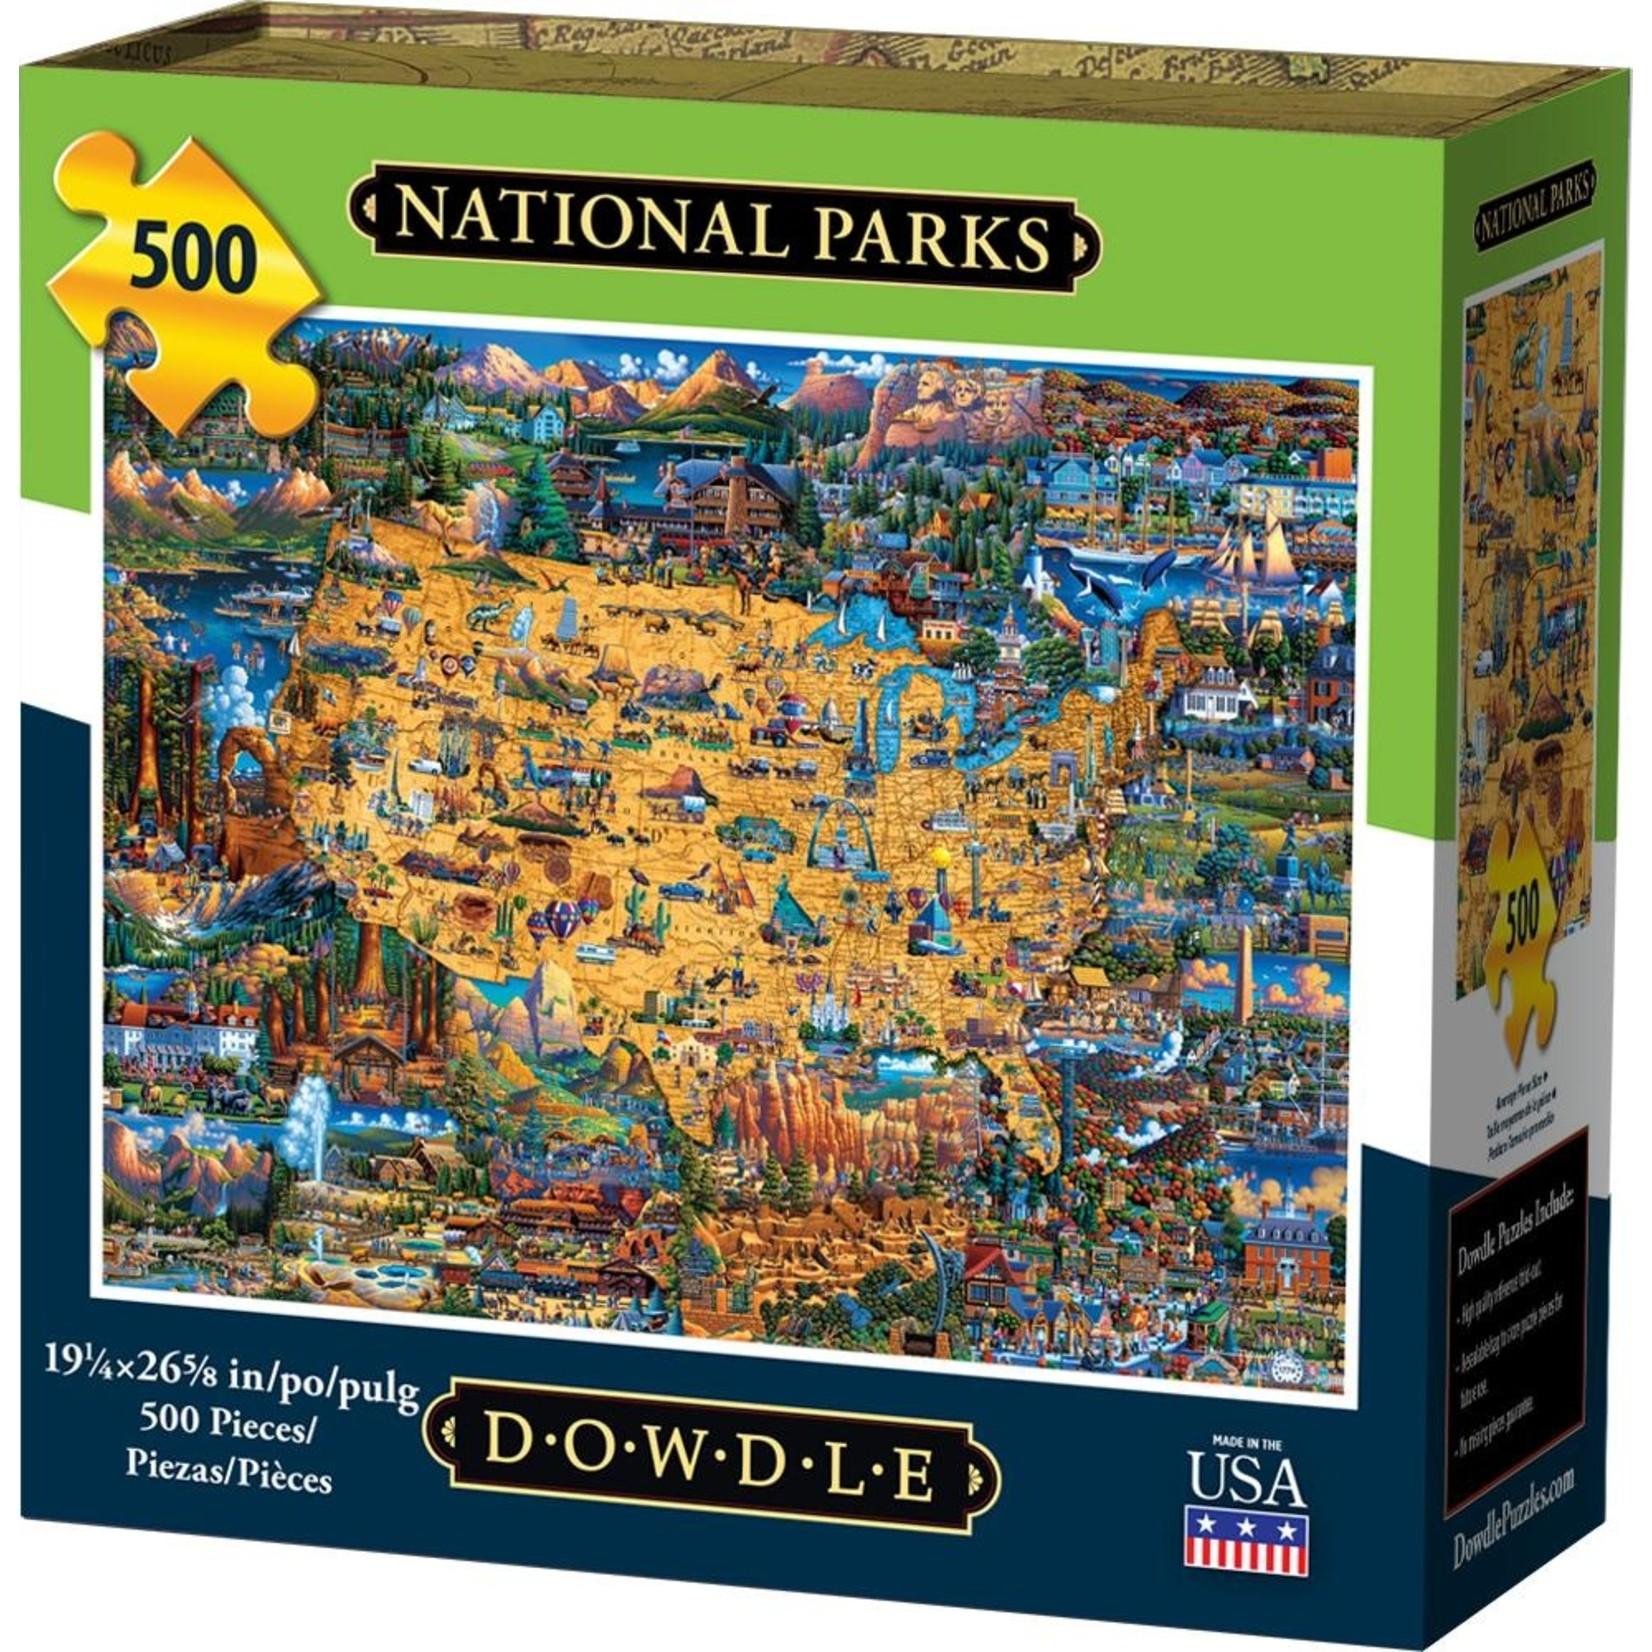 Dowdle Folkart National Parks Pzl 500